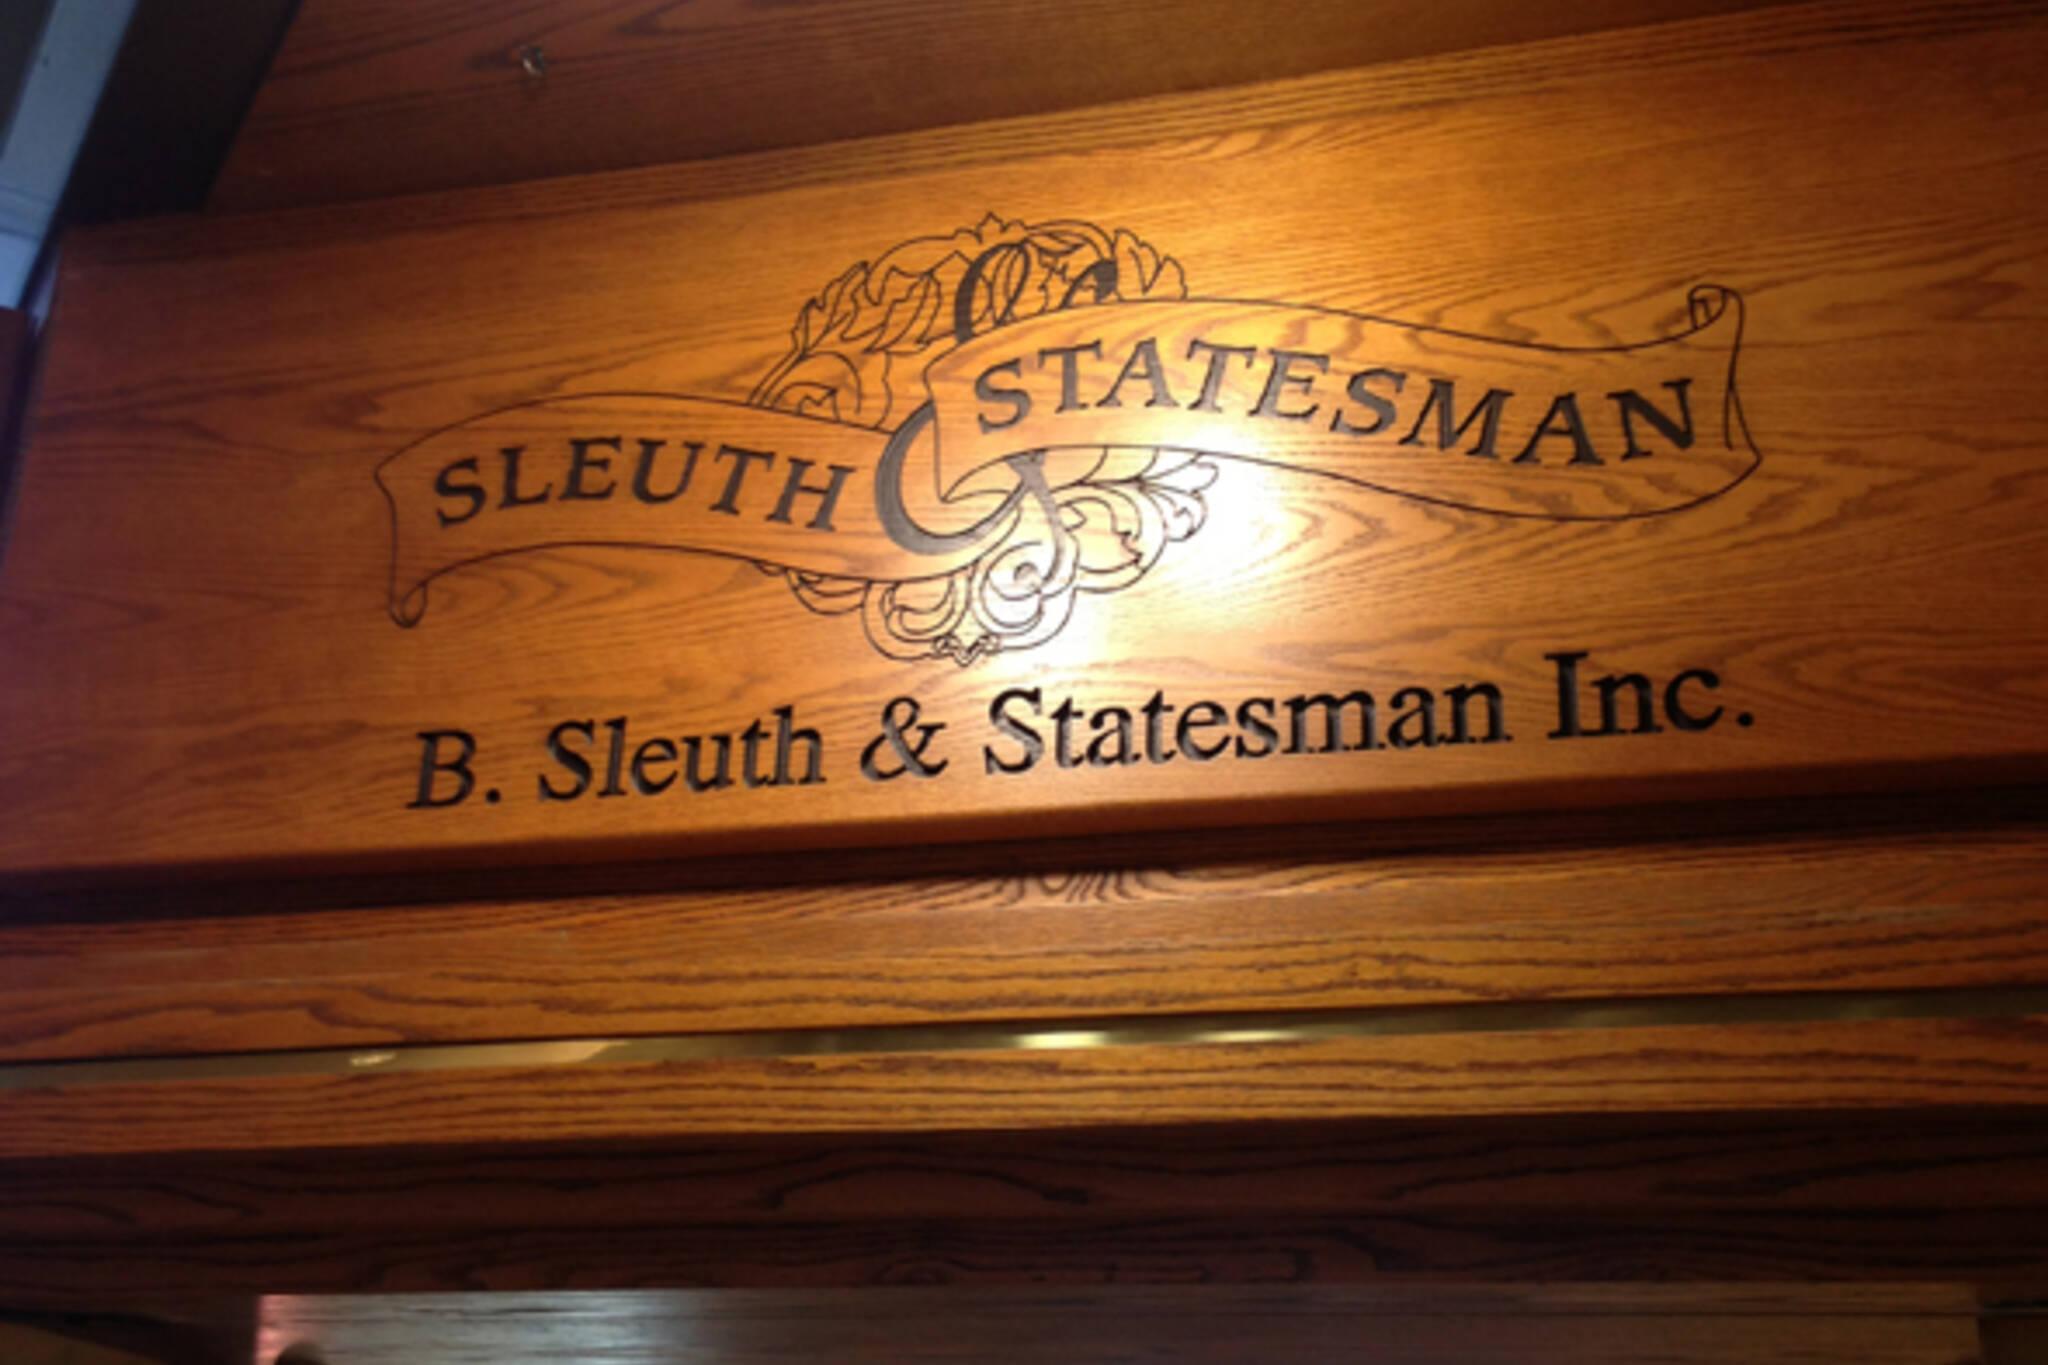 B Sleuth Statesman